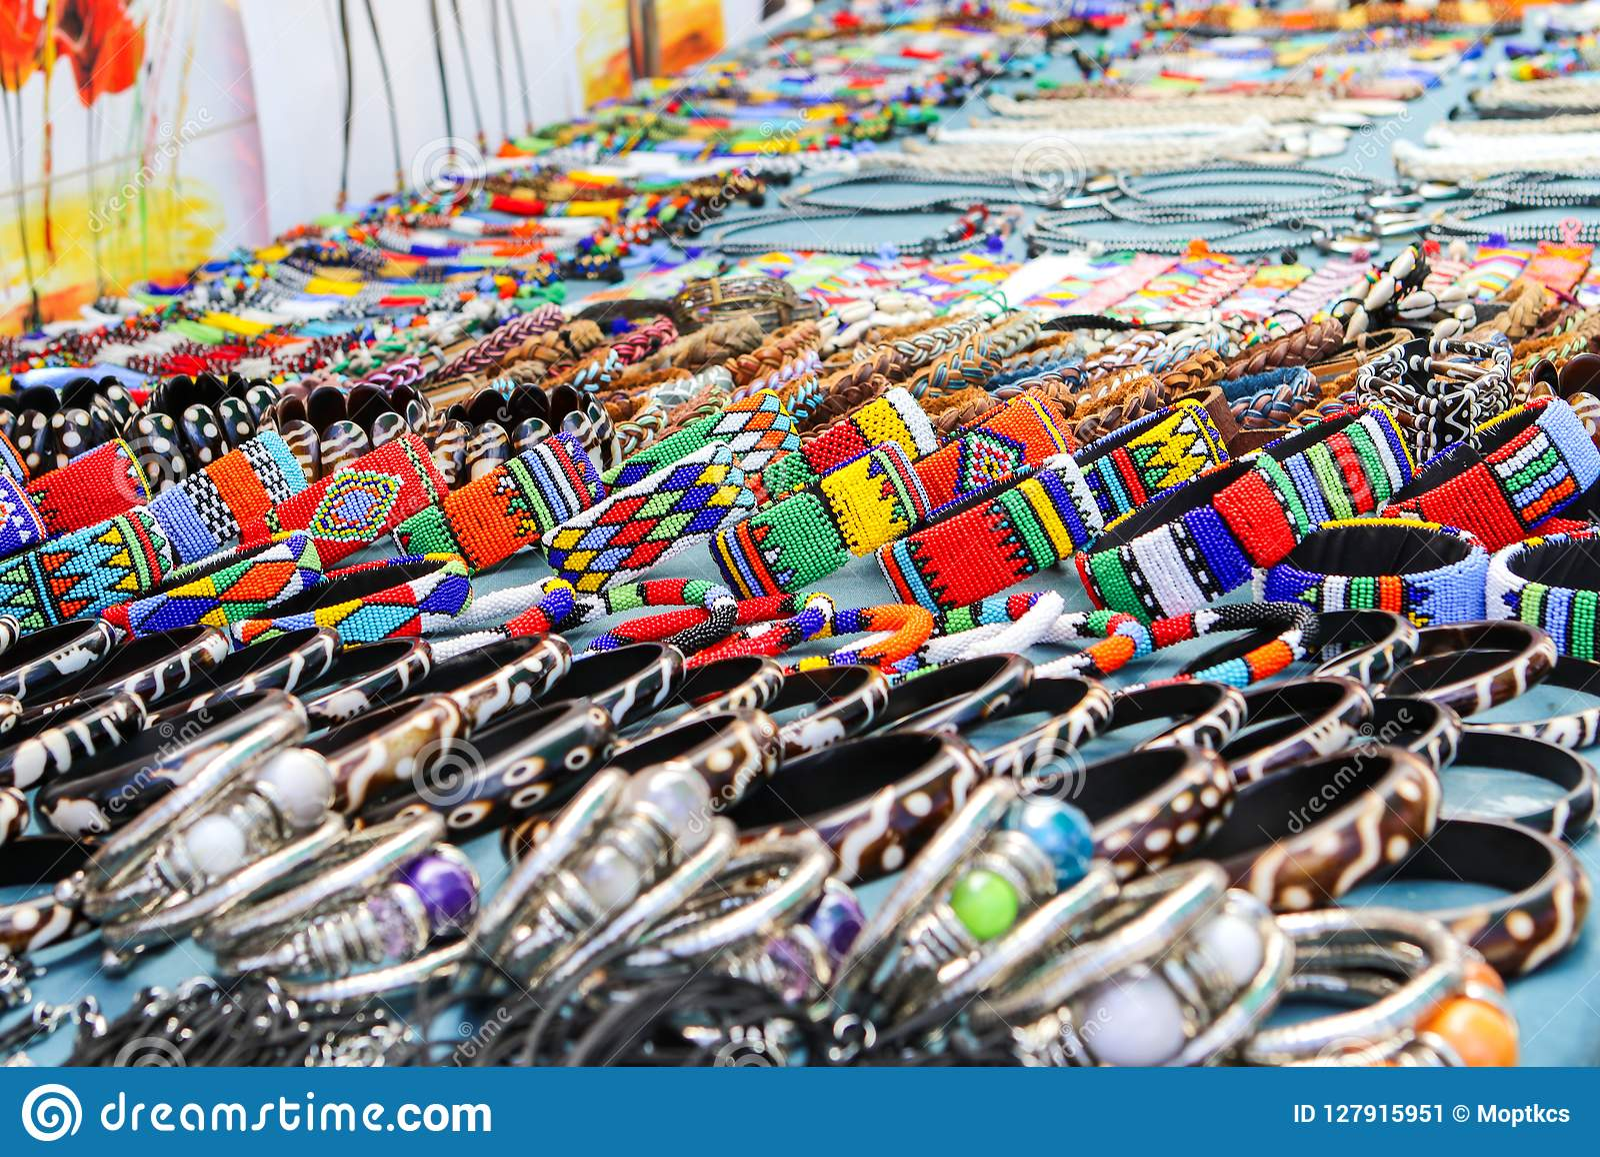 Gotas coloridas y pulseras, brazaletes y collares hechos a mano de cuero en el mercado local del arte en Suráfrica